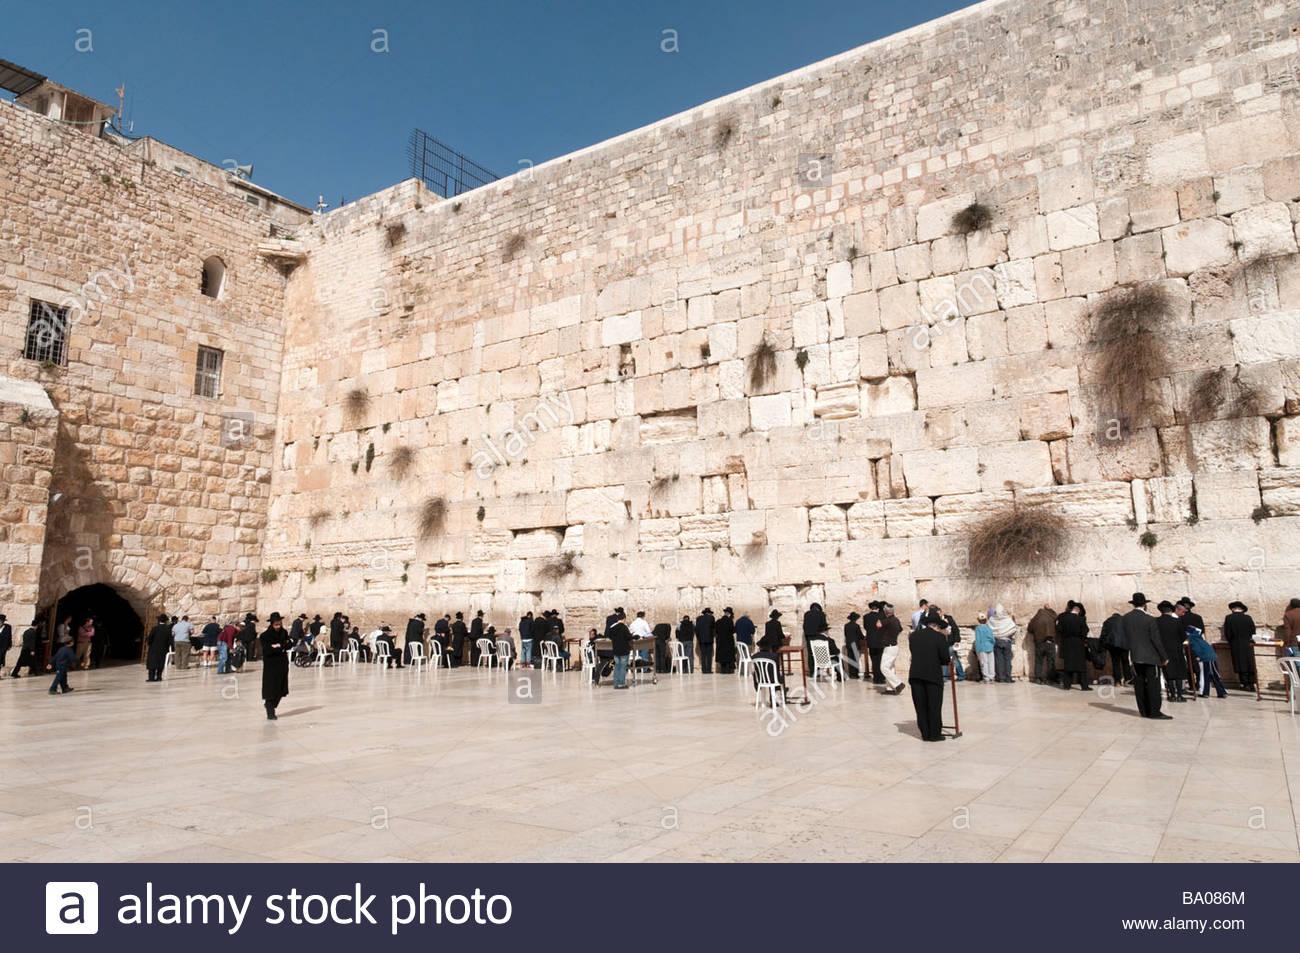 Los judíos ortodoxos rezan en el Muro Occidental, Jerusalén, Israel Imagen De Stock